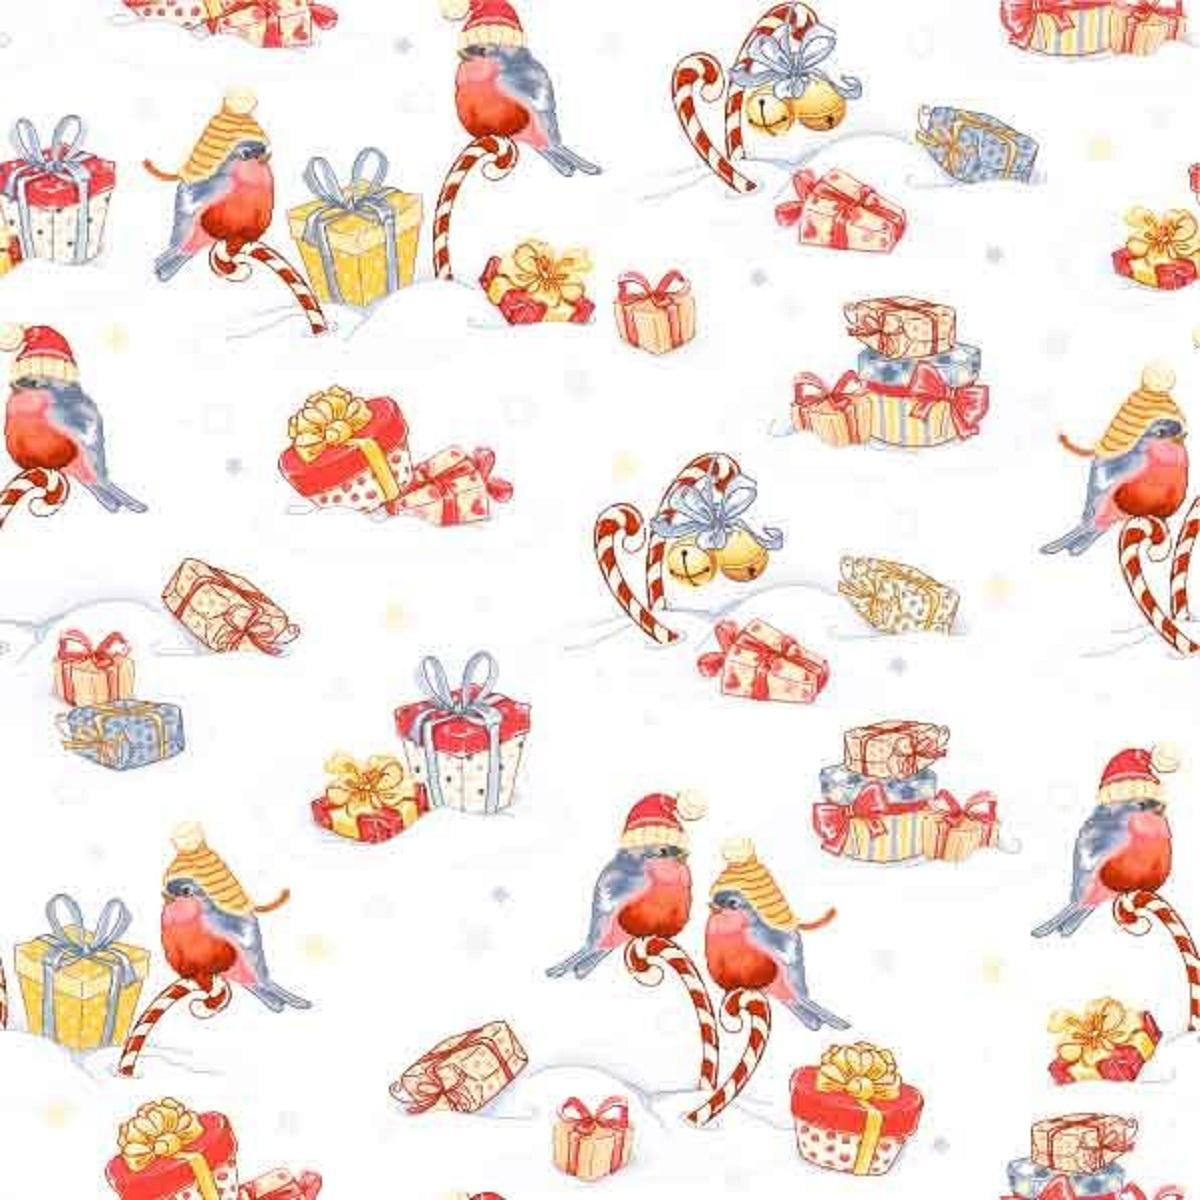 Салфетки бумажные Gratias Снегири и подарки, трехслойные, 33 х 33 см, 20 шт92292Трехслойные бумажные салфетки Gratias Снегири и подарки,выполненные из натуральной целлюлозы, станутотличным дополнением любого праздничного стола. Ониотличаются необычной мягкостью и прочностью.Размер листа: 33 х 33 см.Количество слоев: 3.